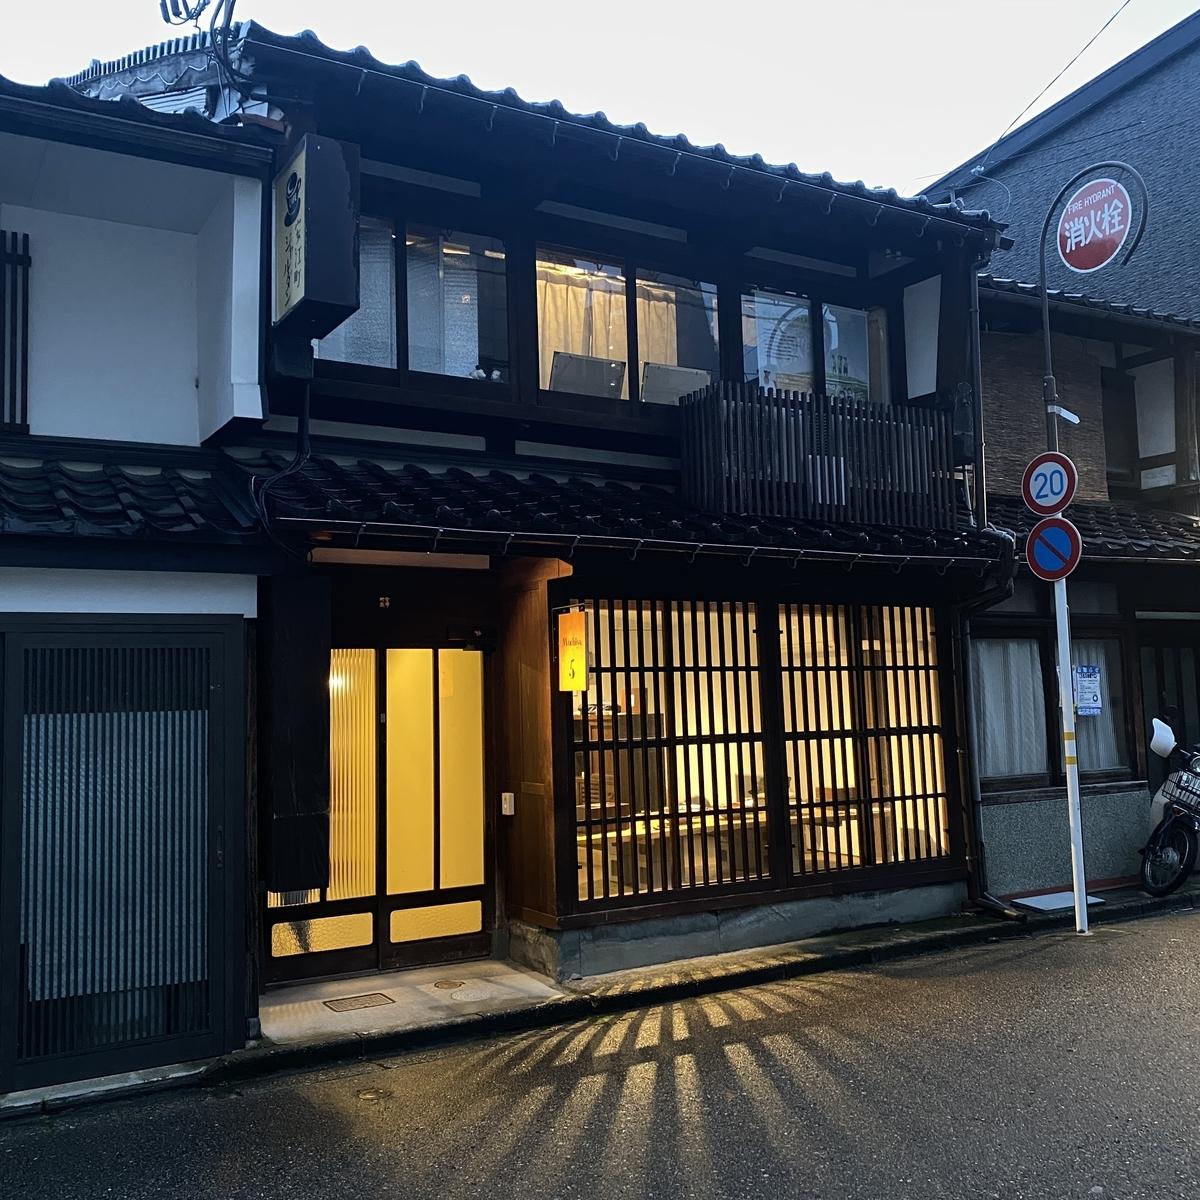 f:id:kanazawabiiki:20200212123226j:plain